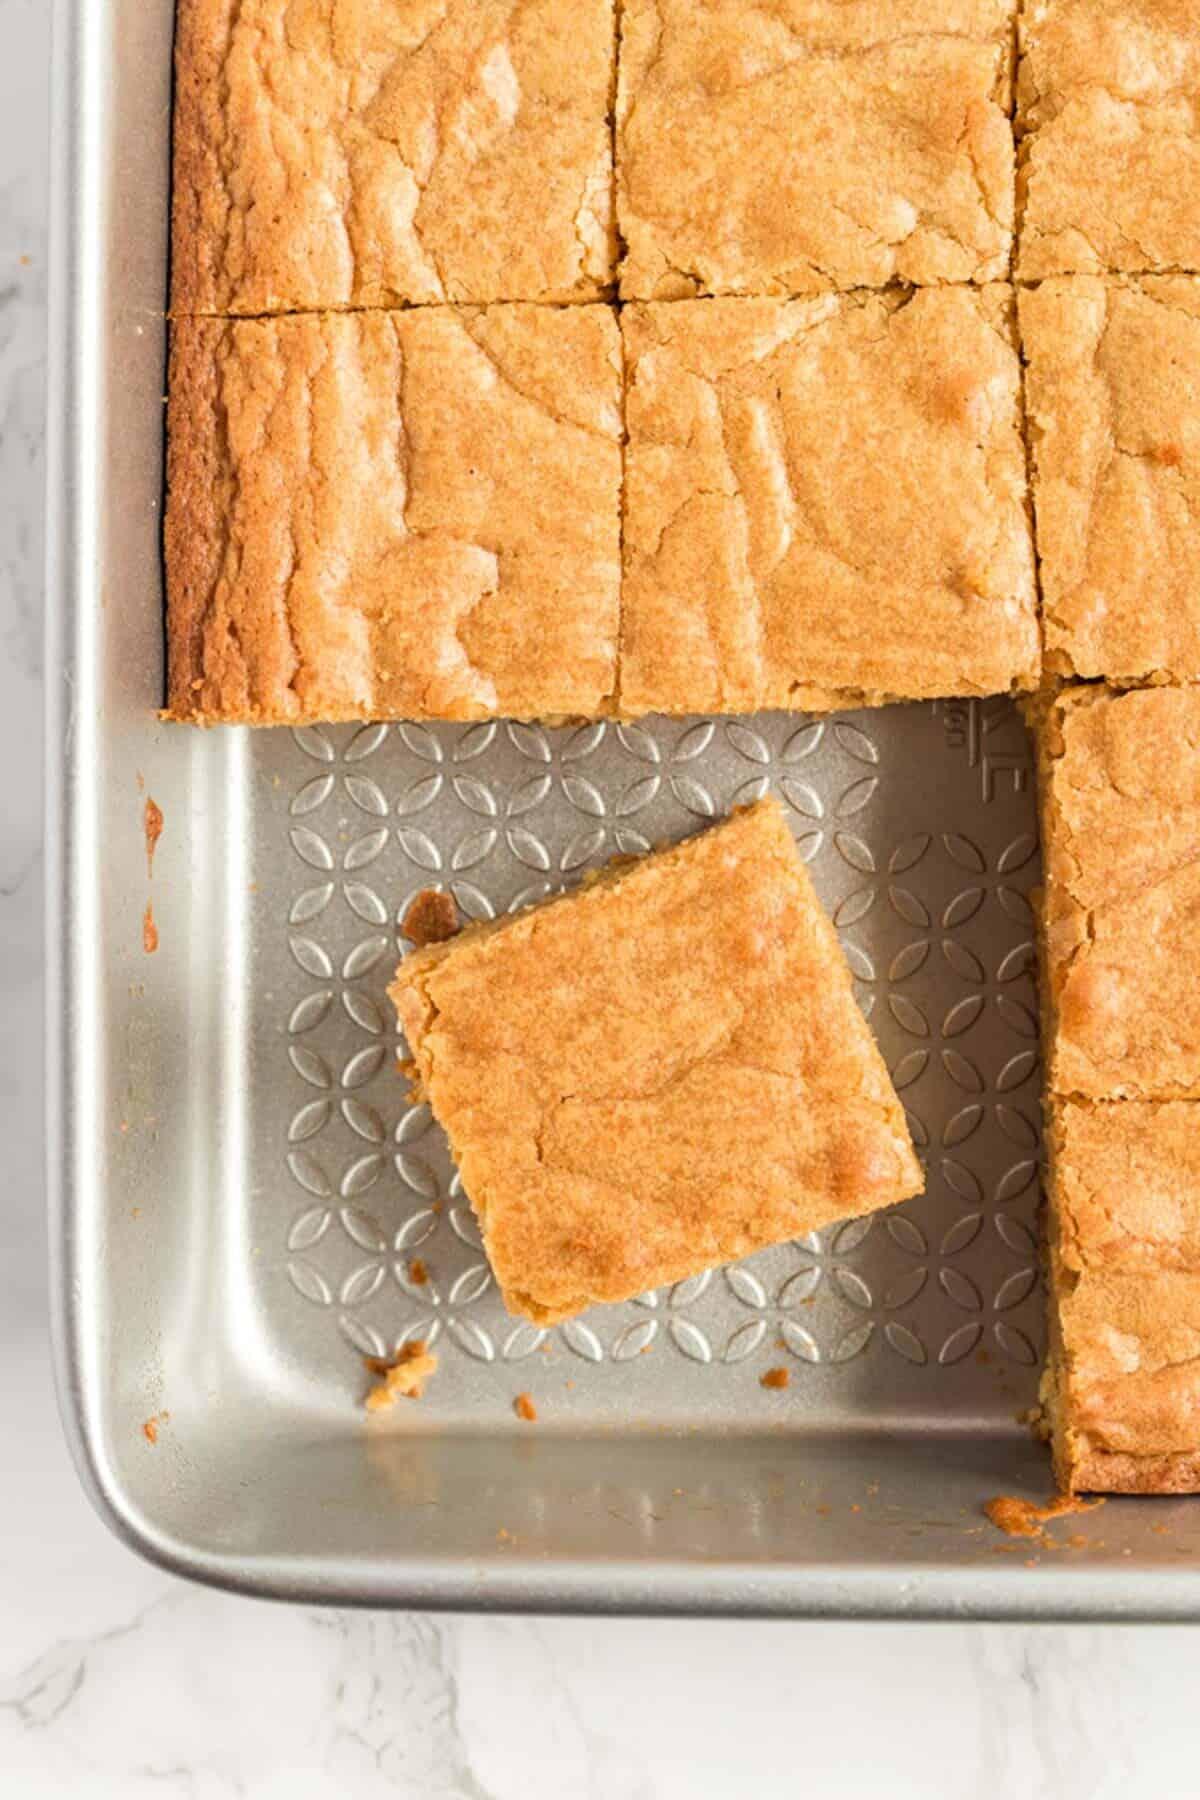 blondies in a pan